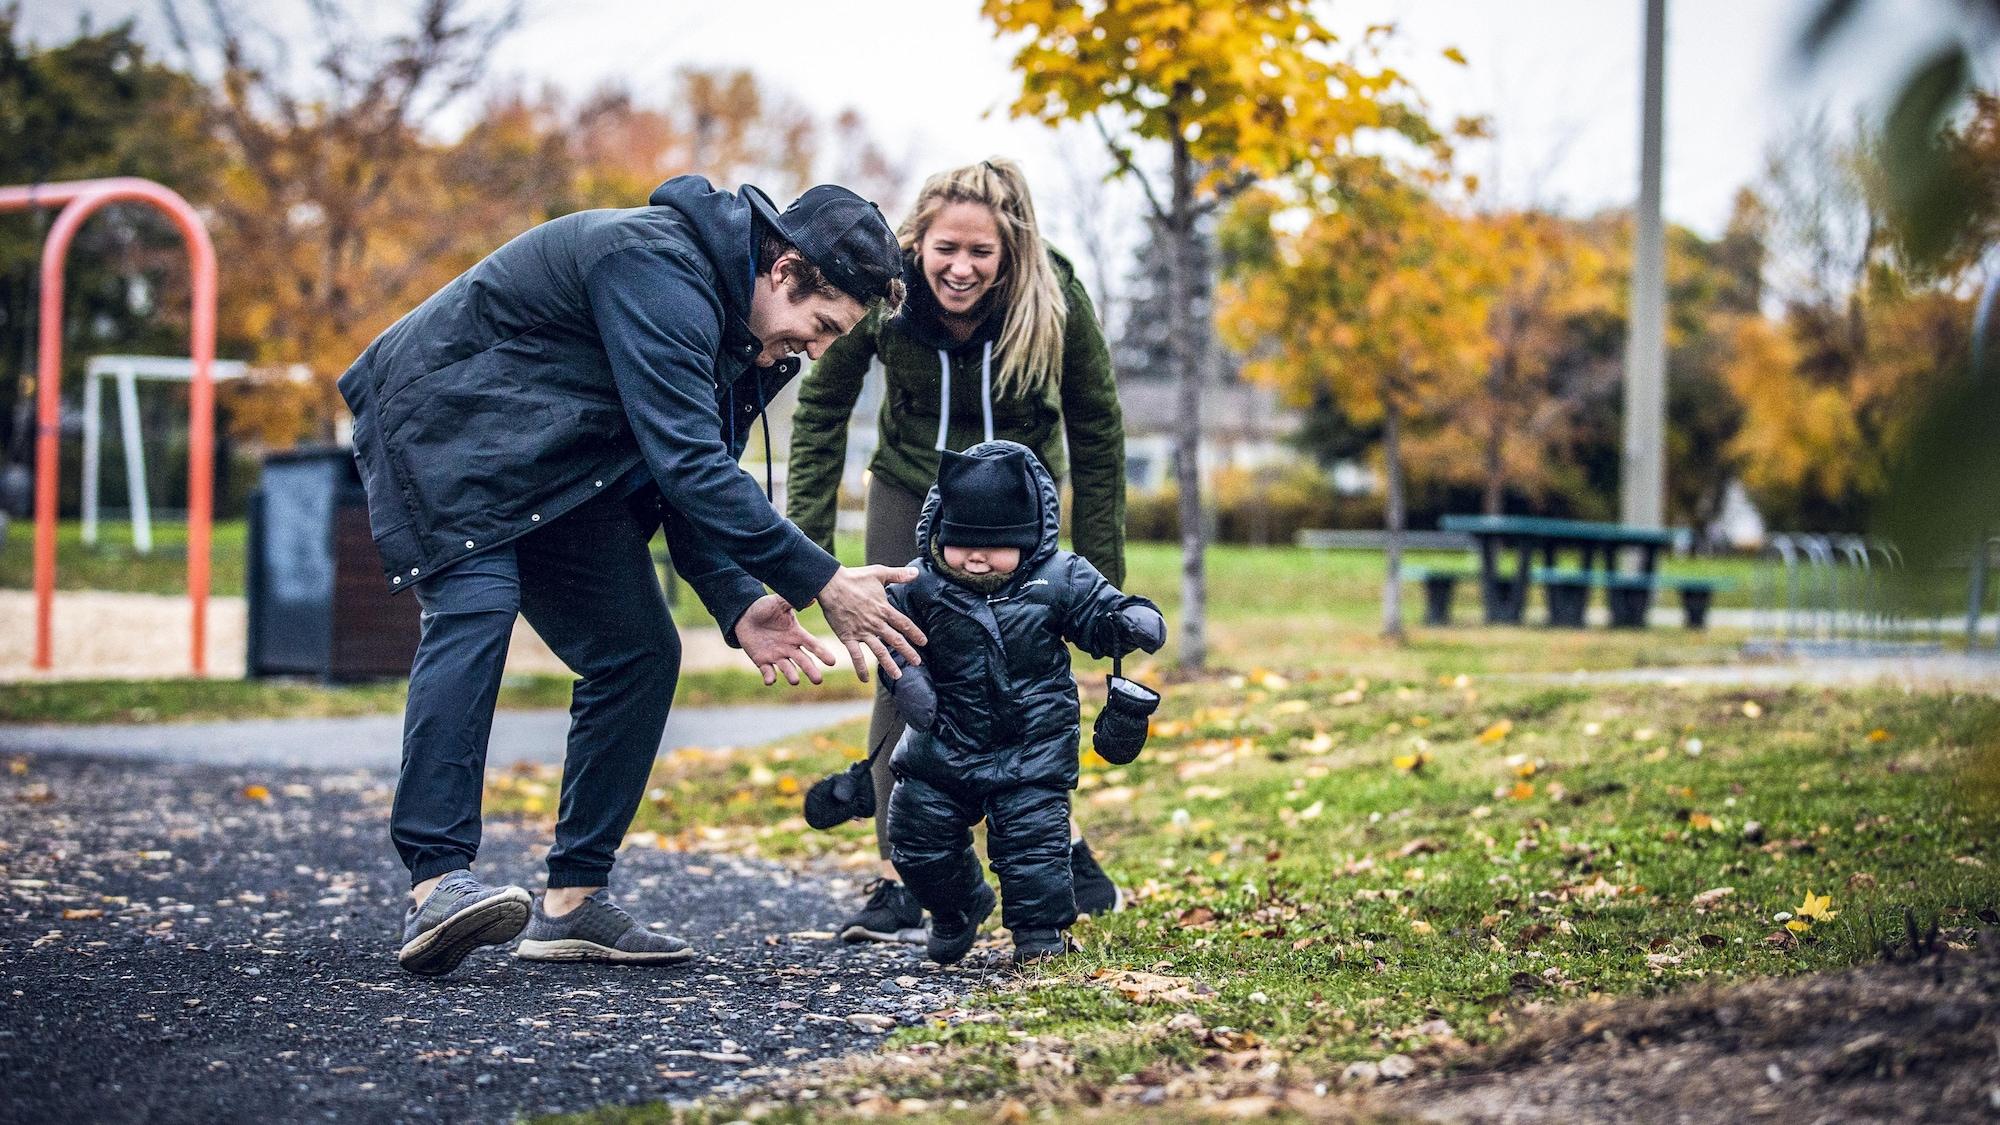 Mathéo marche dans un parc pendant que ses parents le regardent en riant.